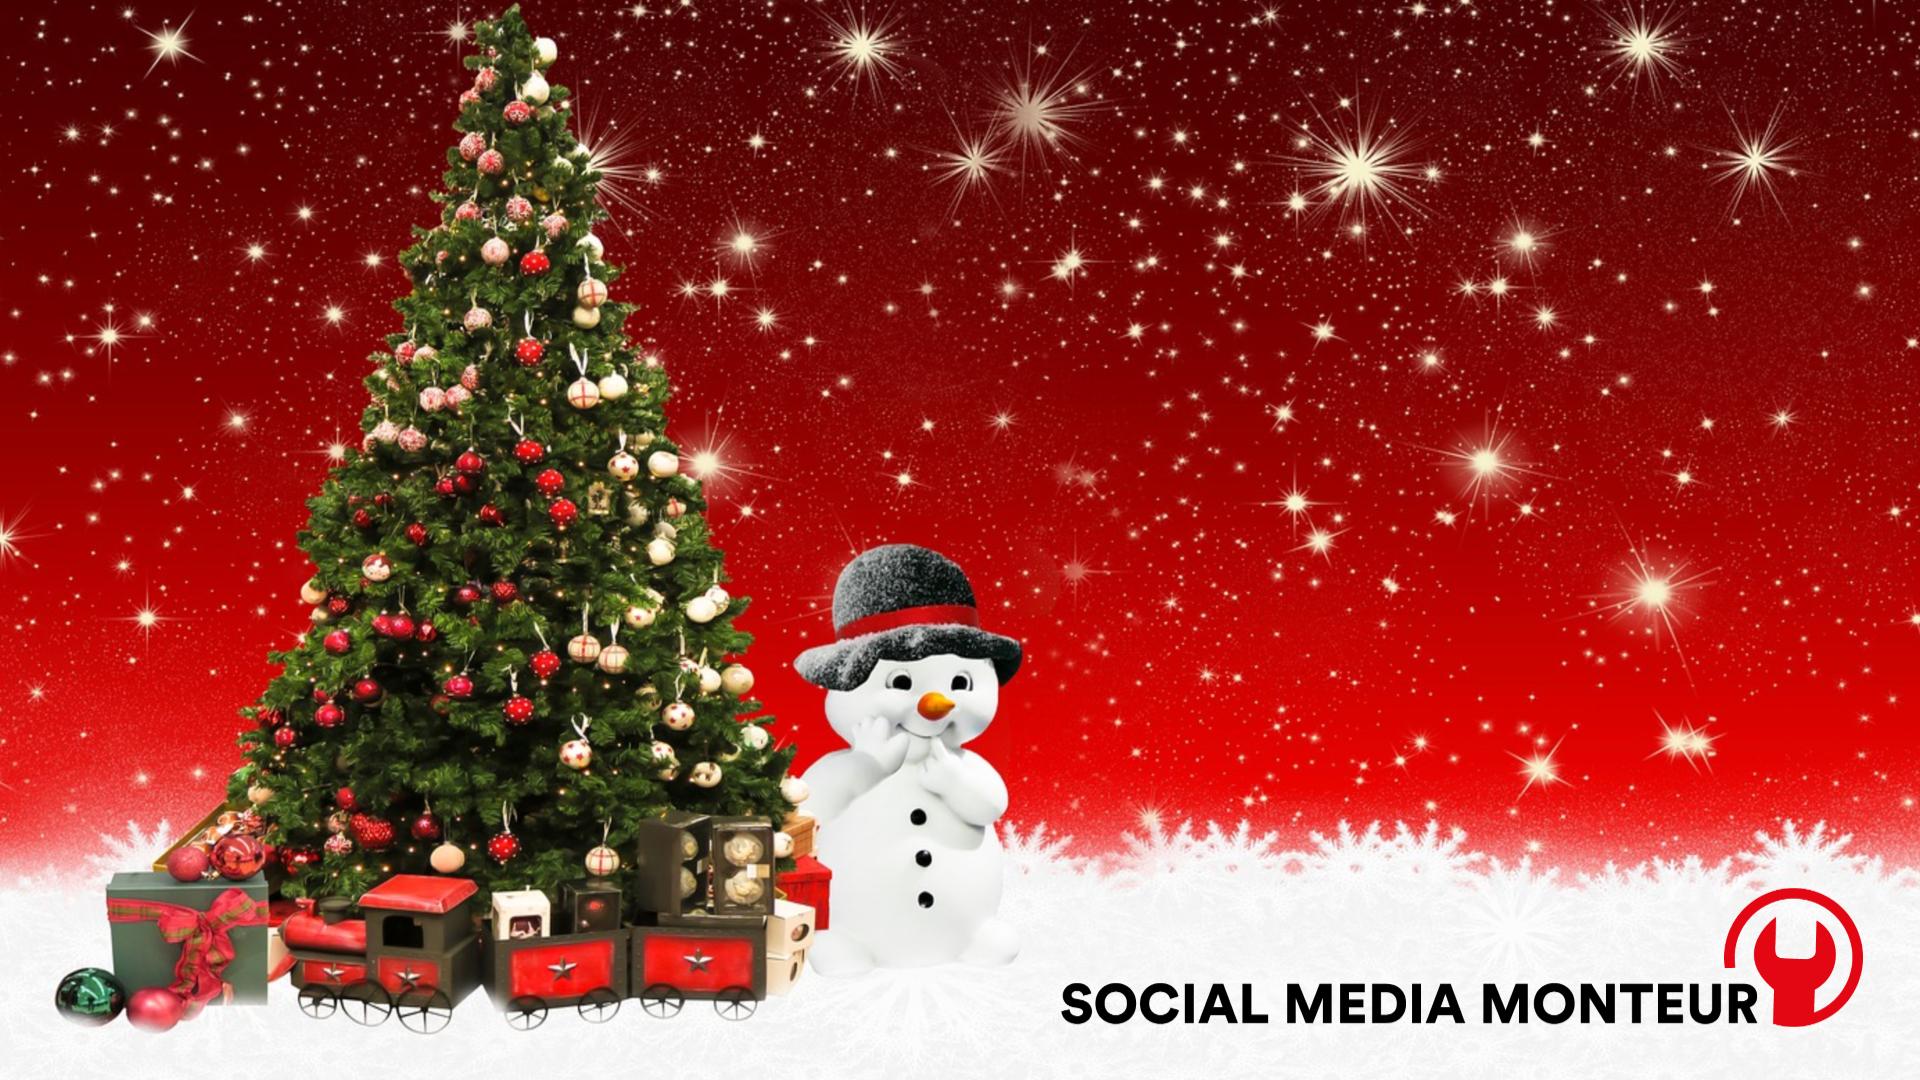 Prettige Feestdagen En Een Gelukkig Nieuwjaar Socialmediamonteur